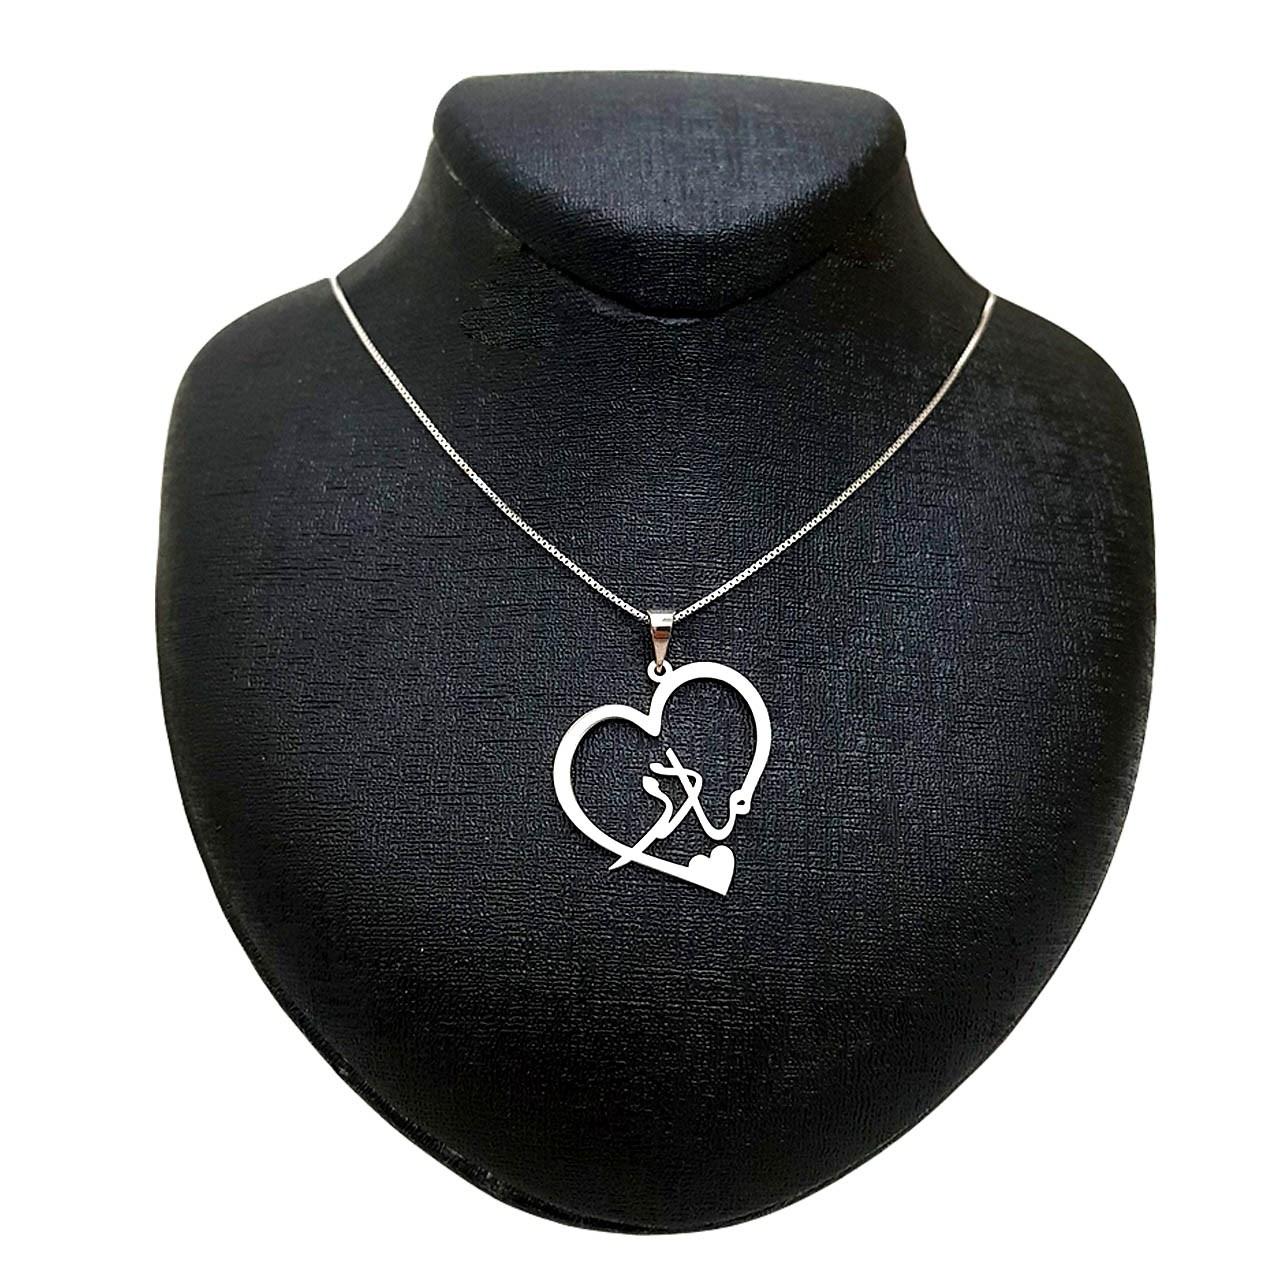 قیمت گردنبند نقره ترمه مدل قلب و مادر Termeh